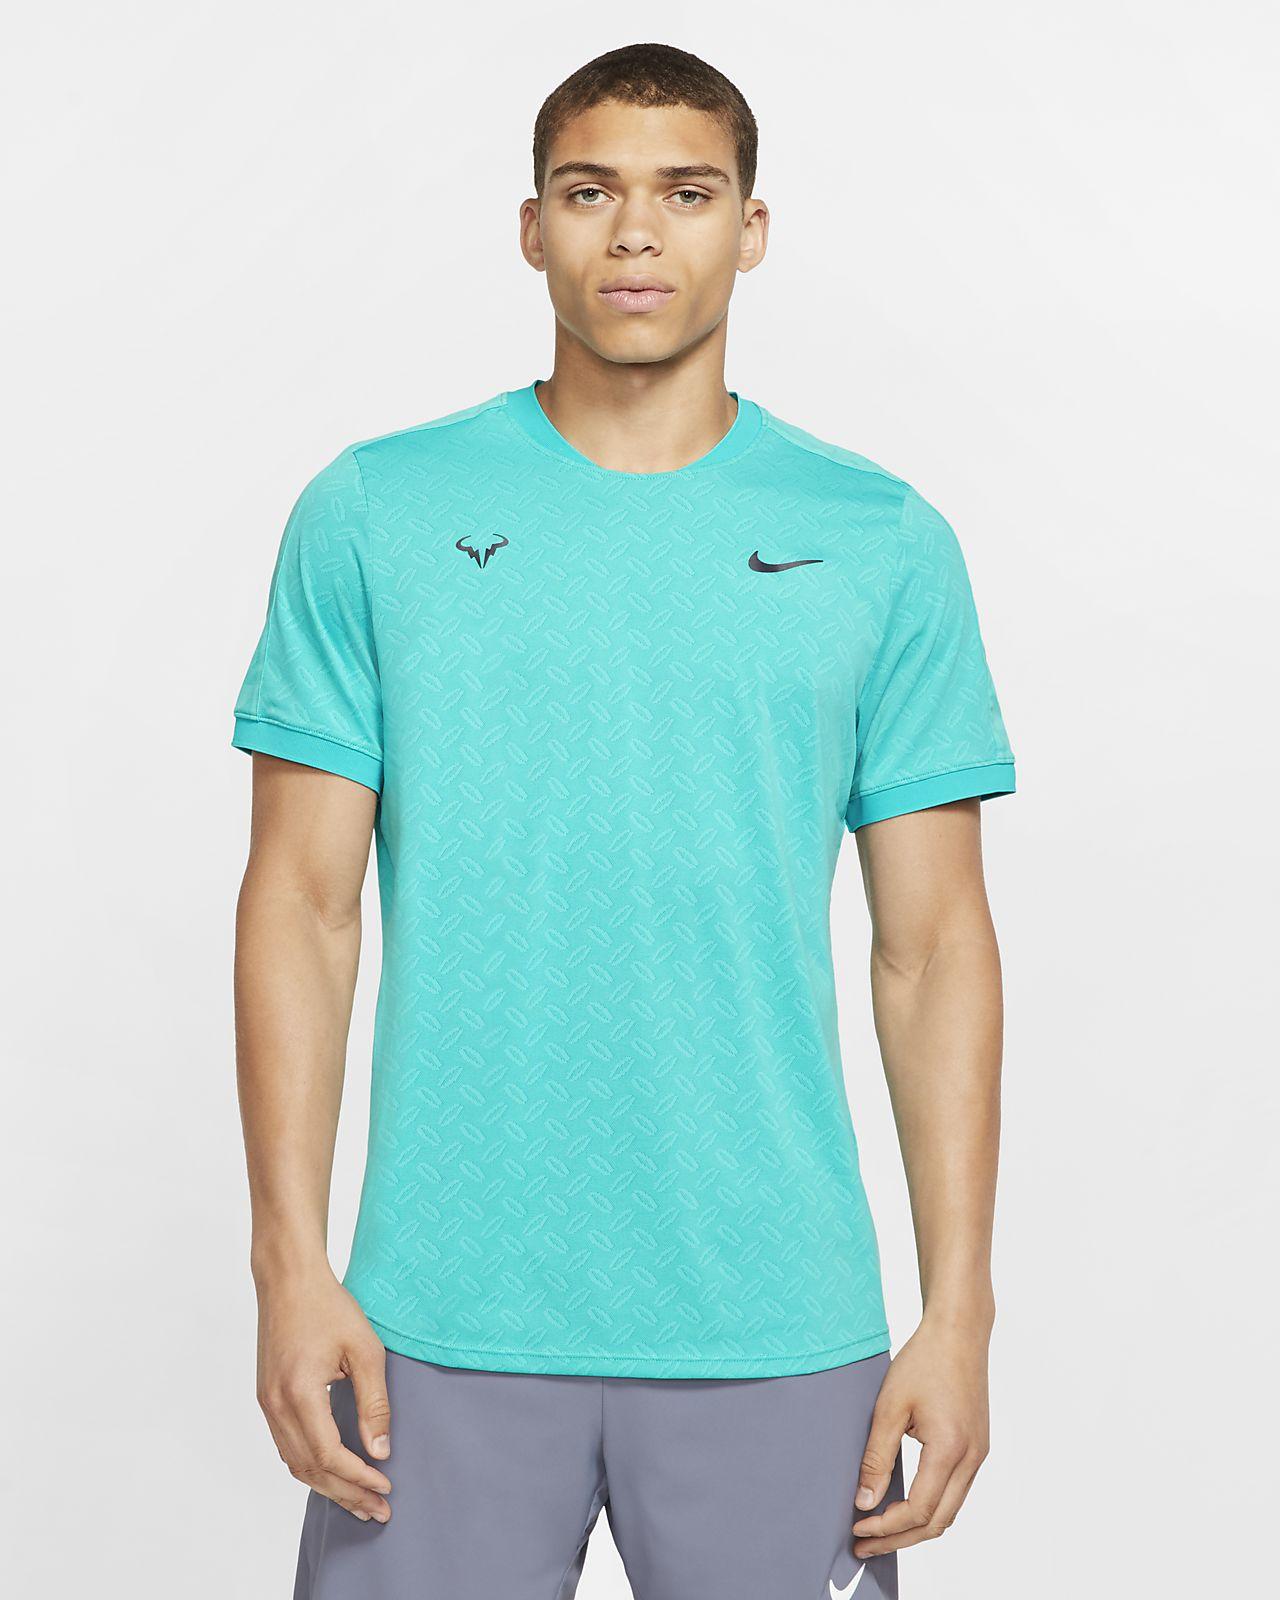 NikeCourt AeroReact Rafa Men's Tennis Top